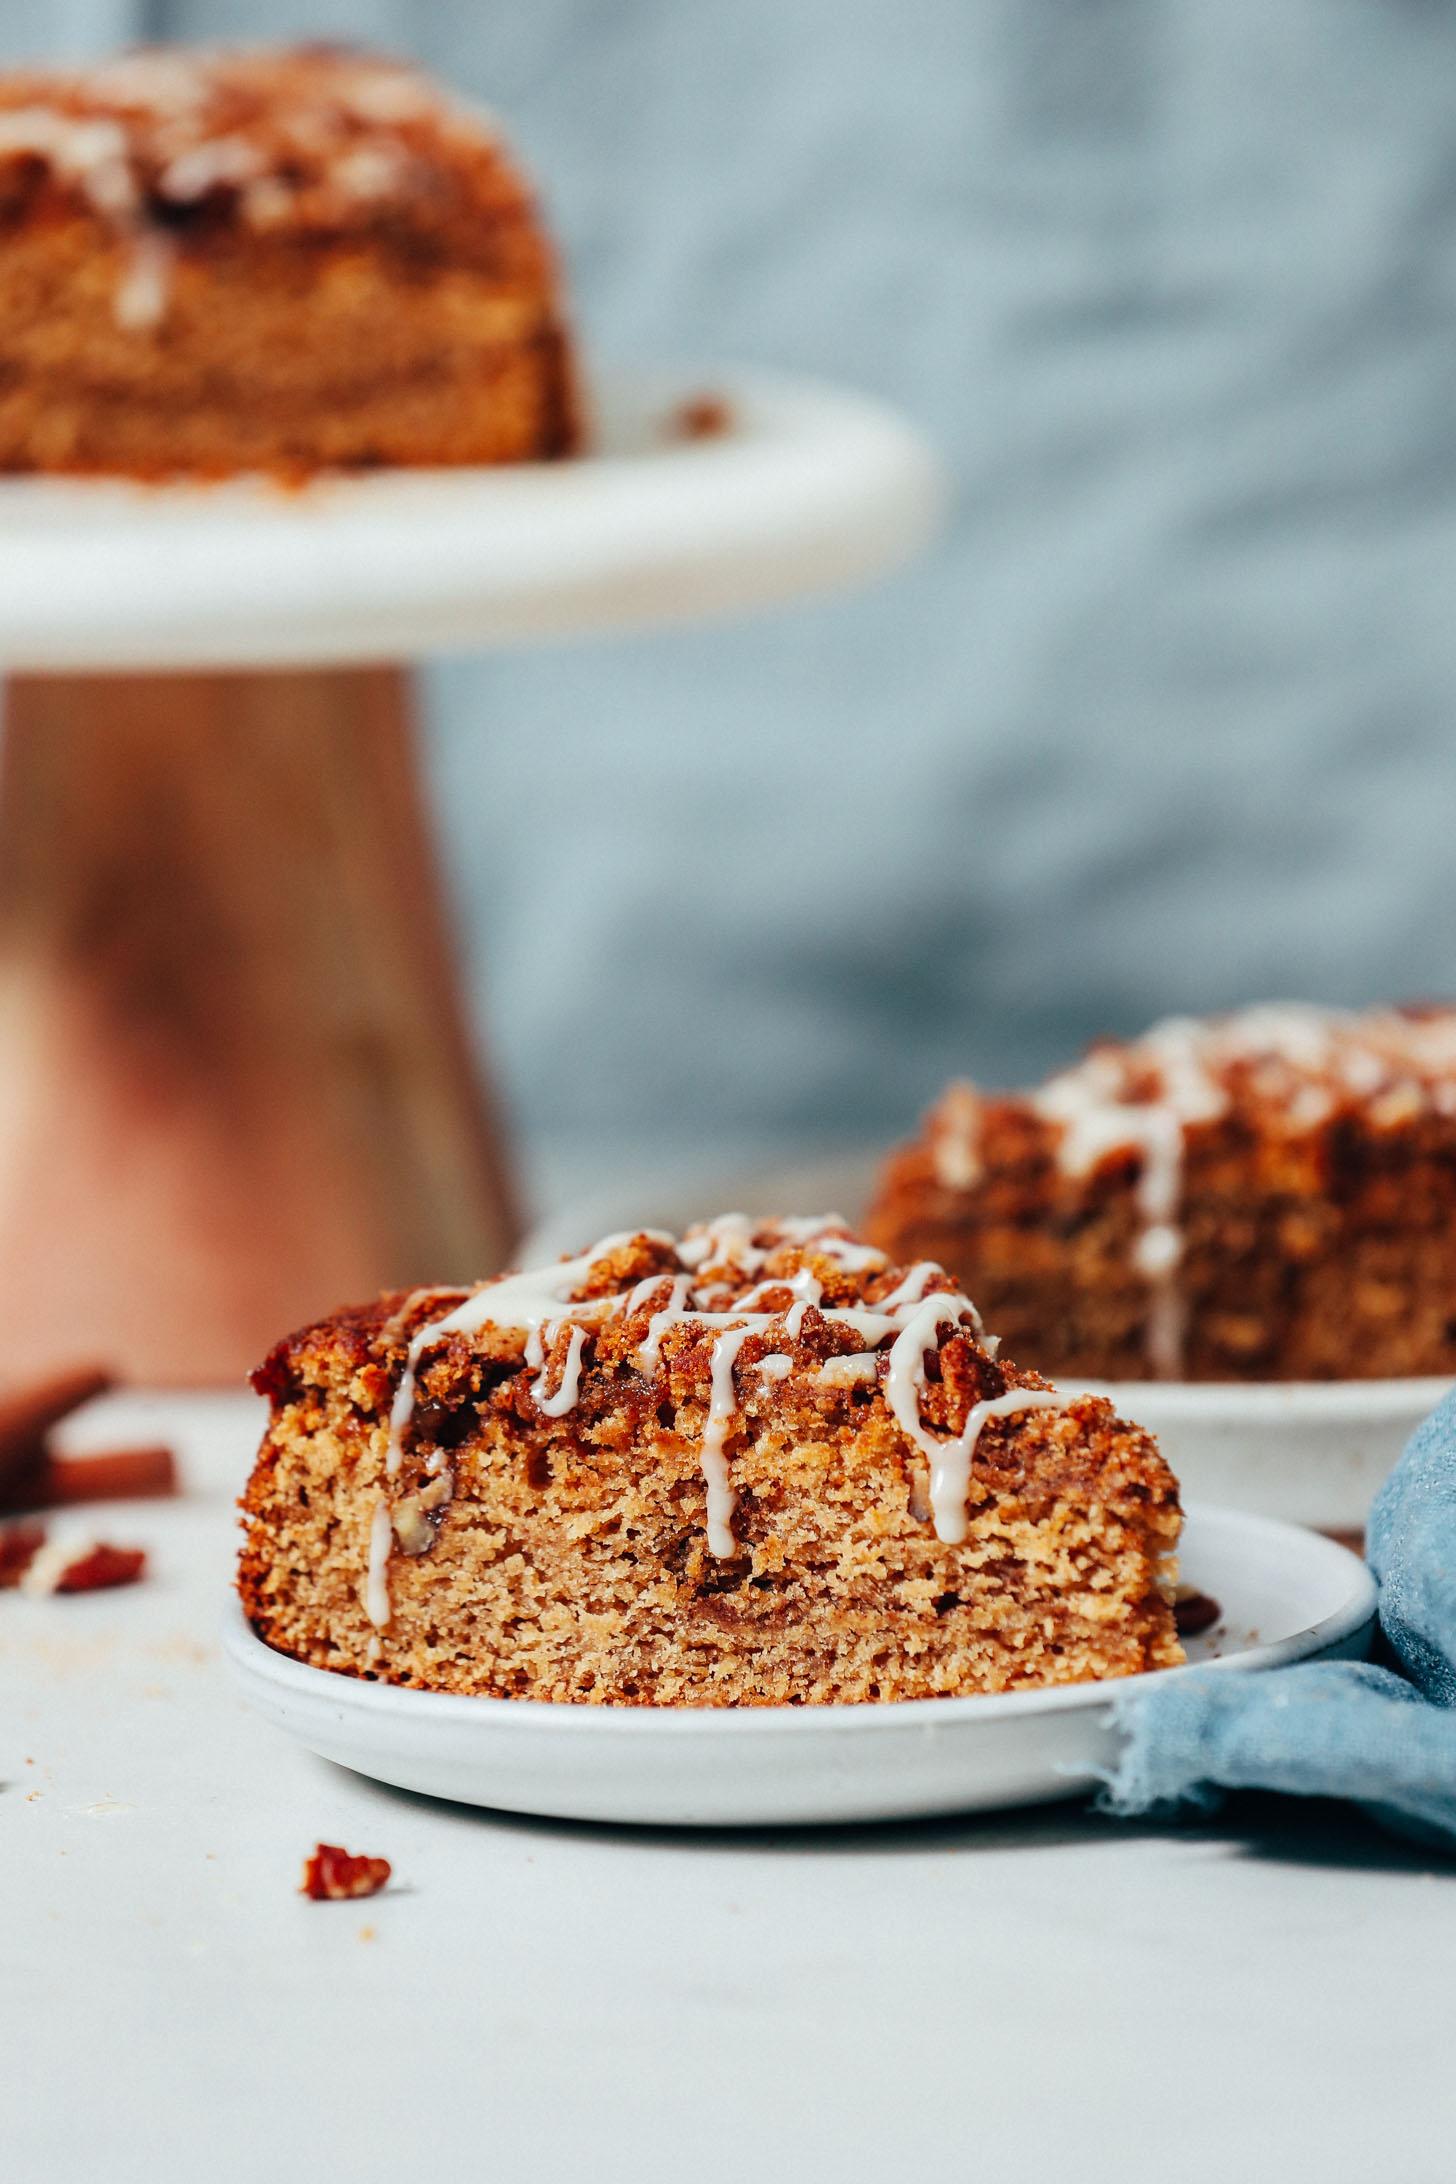 Tranches de gâteau au café végétalien sans gluten arrosées de glaçage